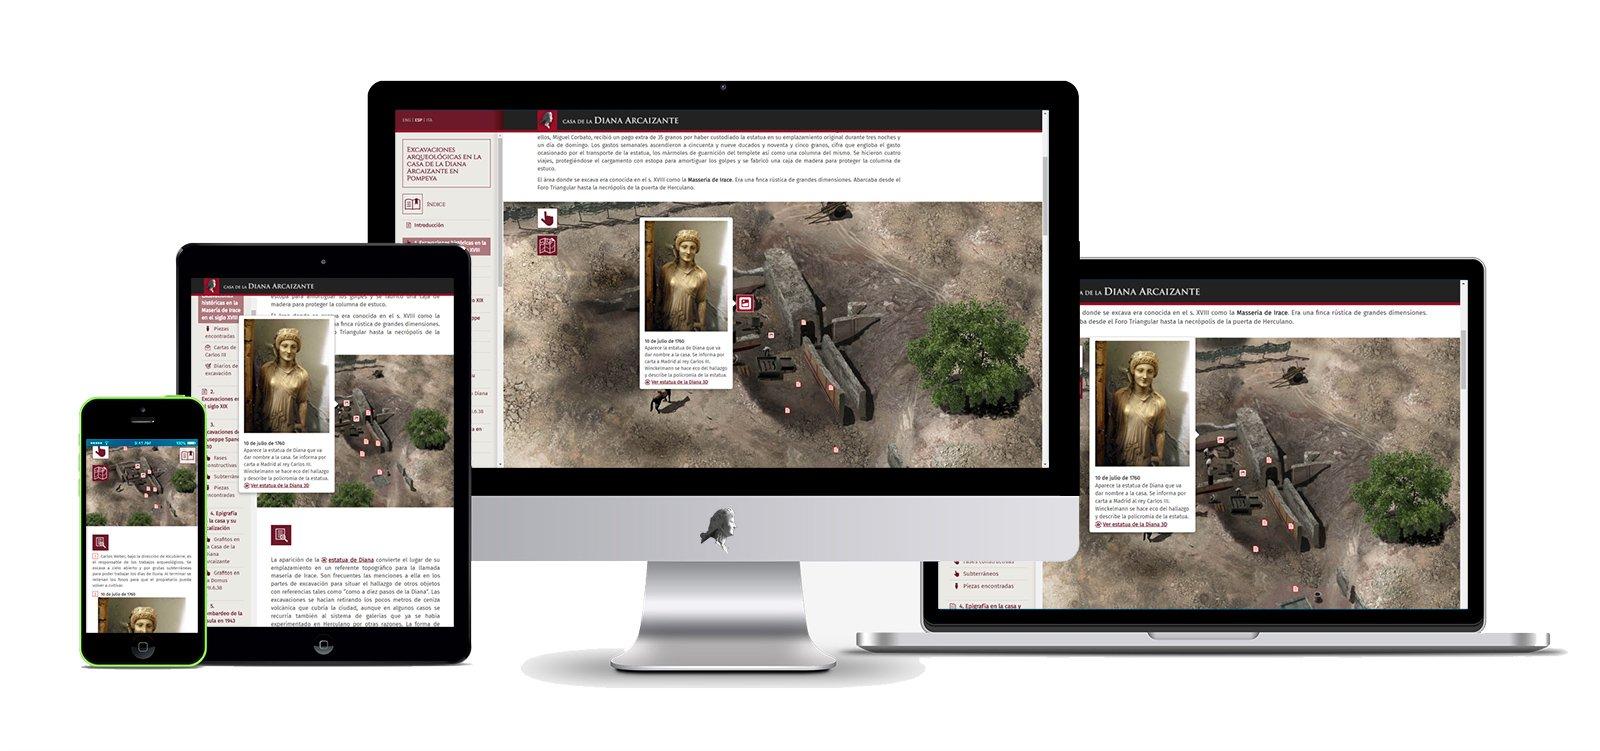 Muestra del diseño responsive de la nueva web, adaptado a distintos dispositivos